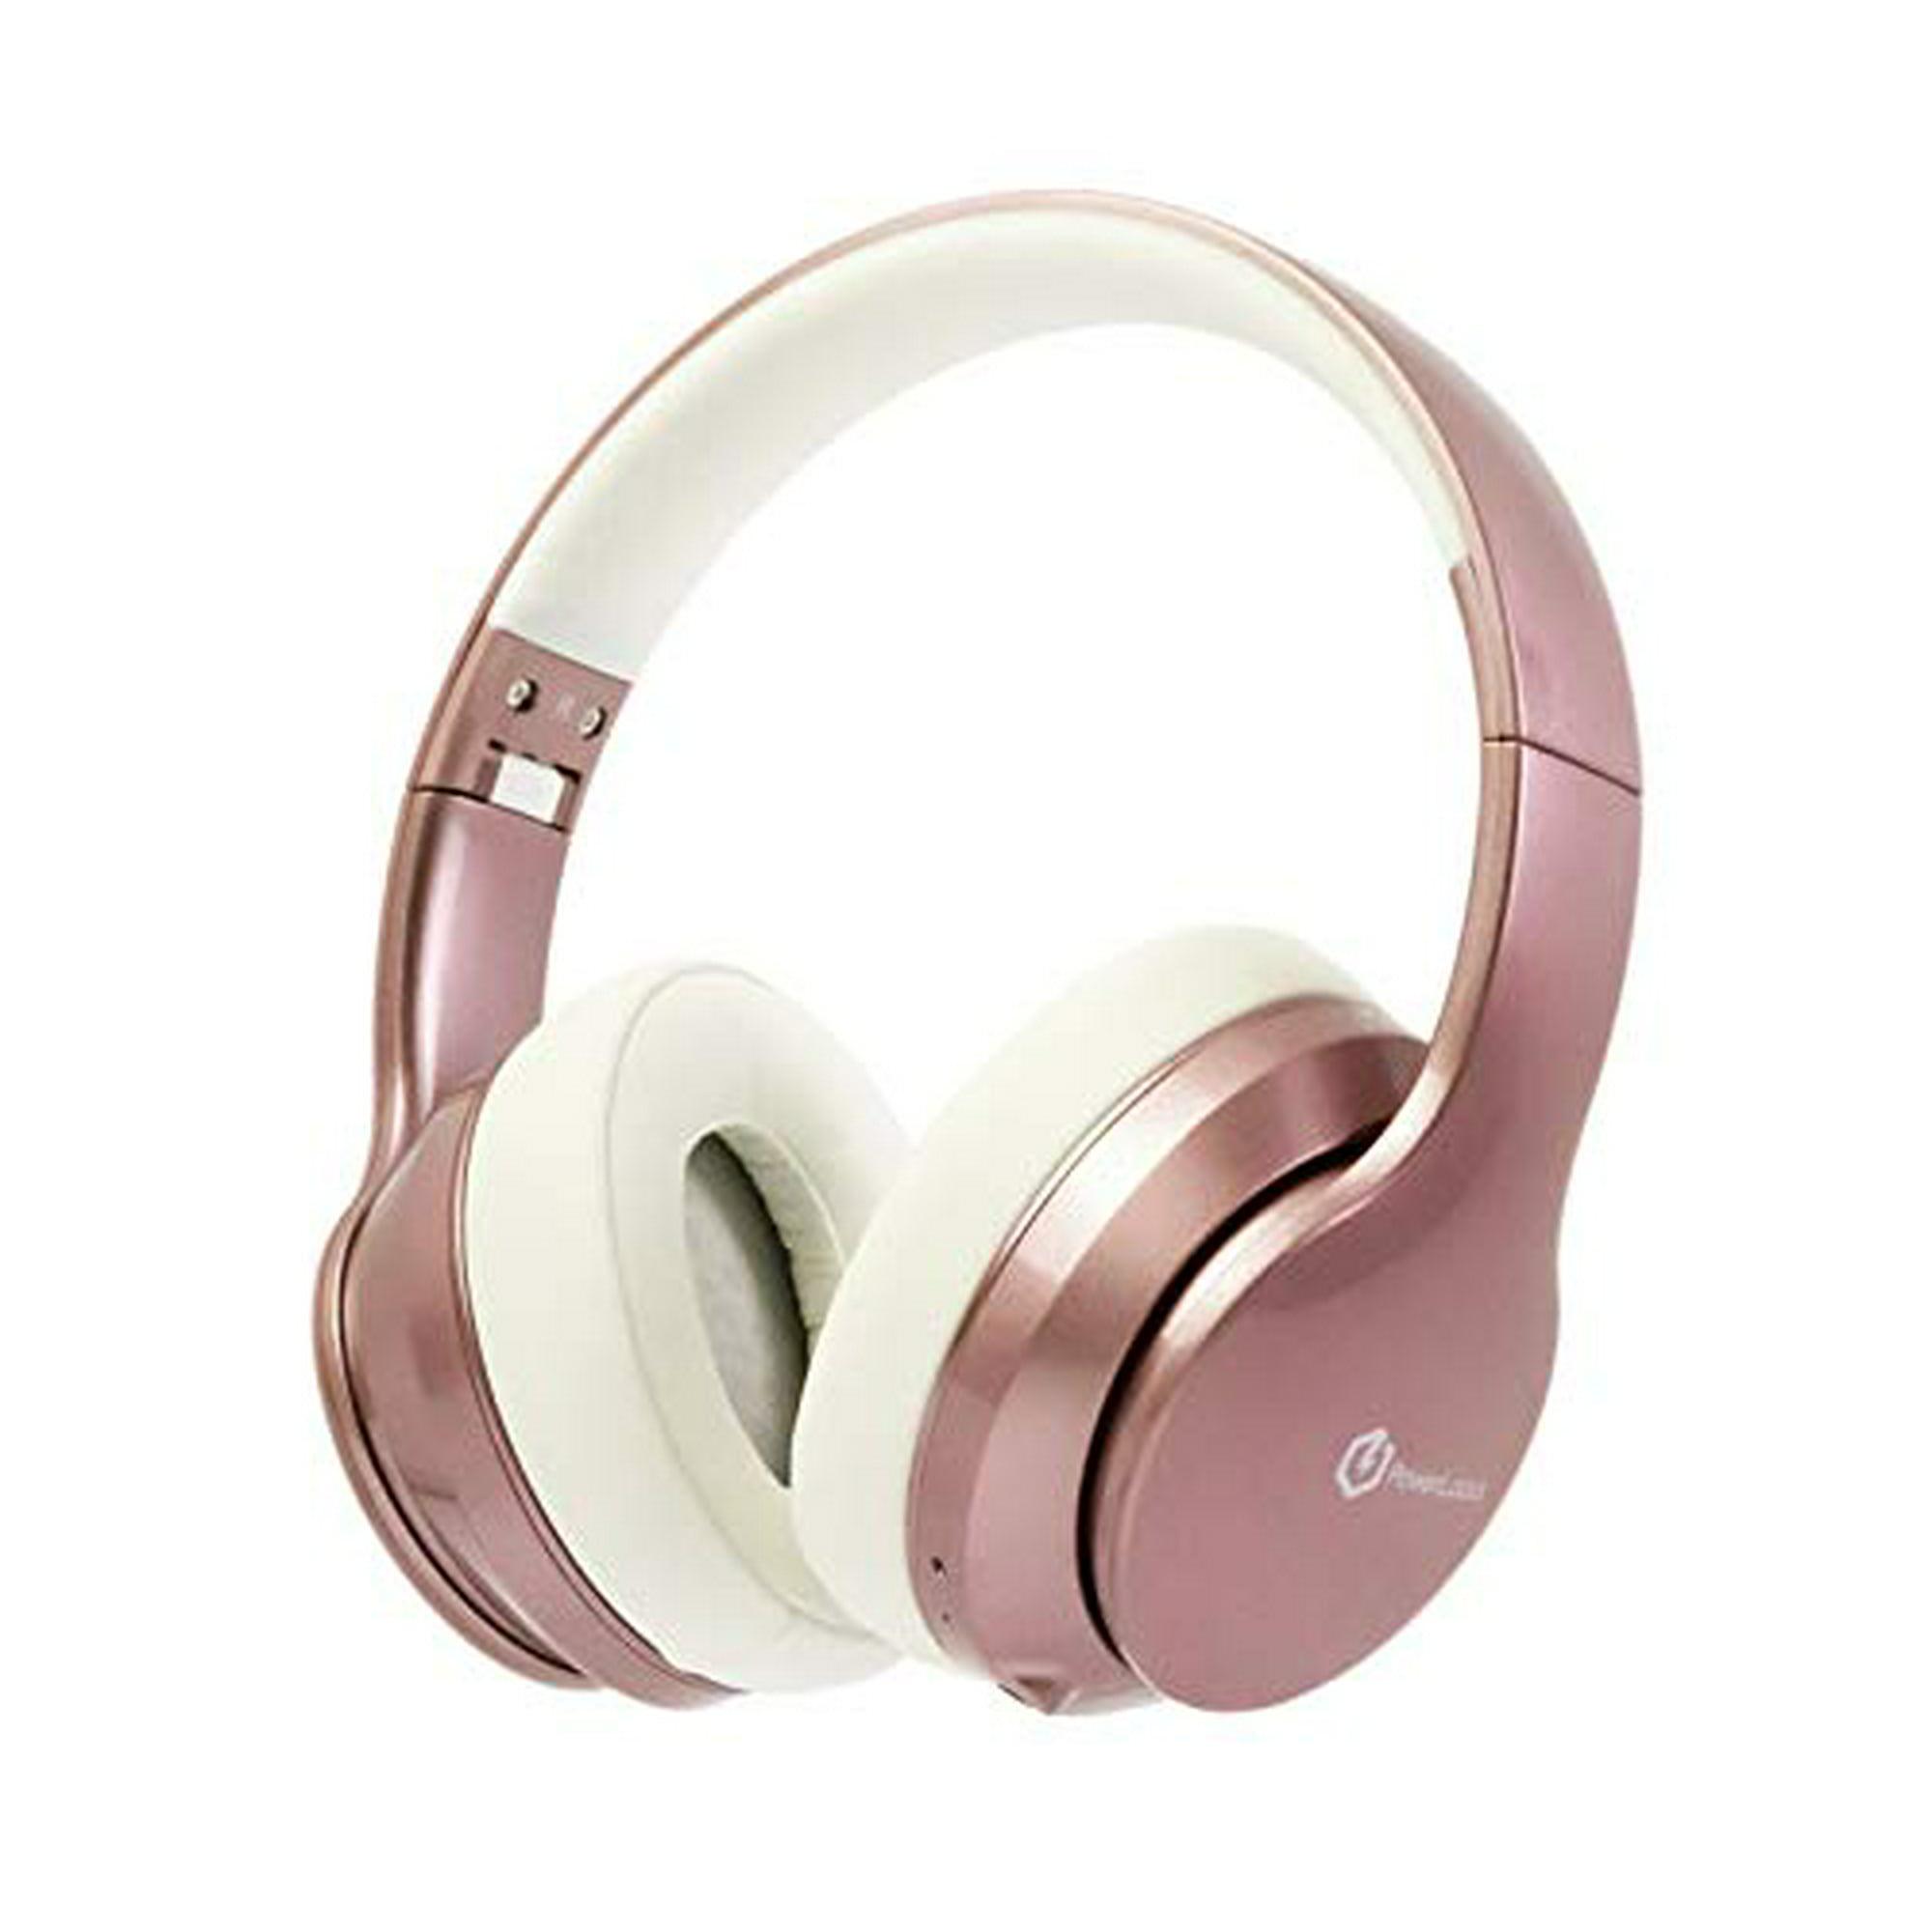 Powerlocus Bluetooth Headphones Over Ear Wireless Headphones Super Bass Hi Fi Stereo Sound 20hrs Battery Life Soft Walmart Canada